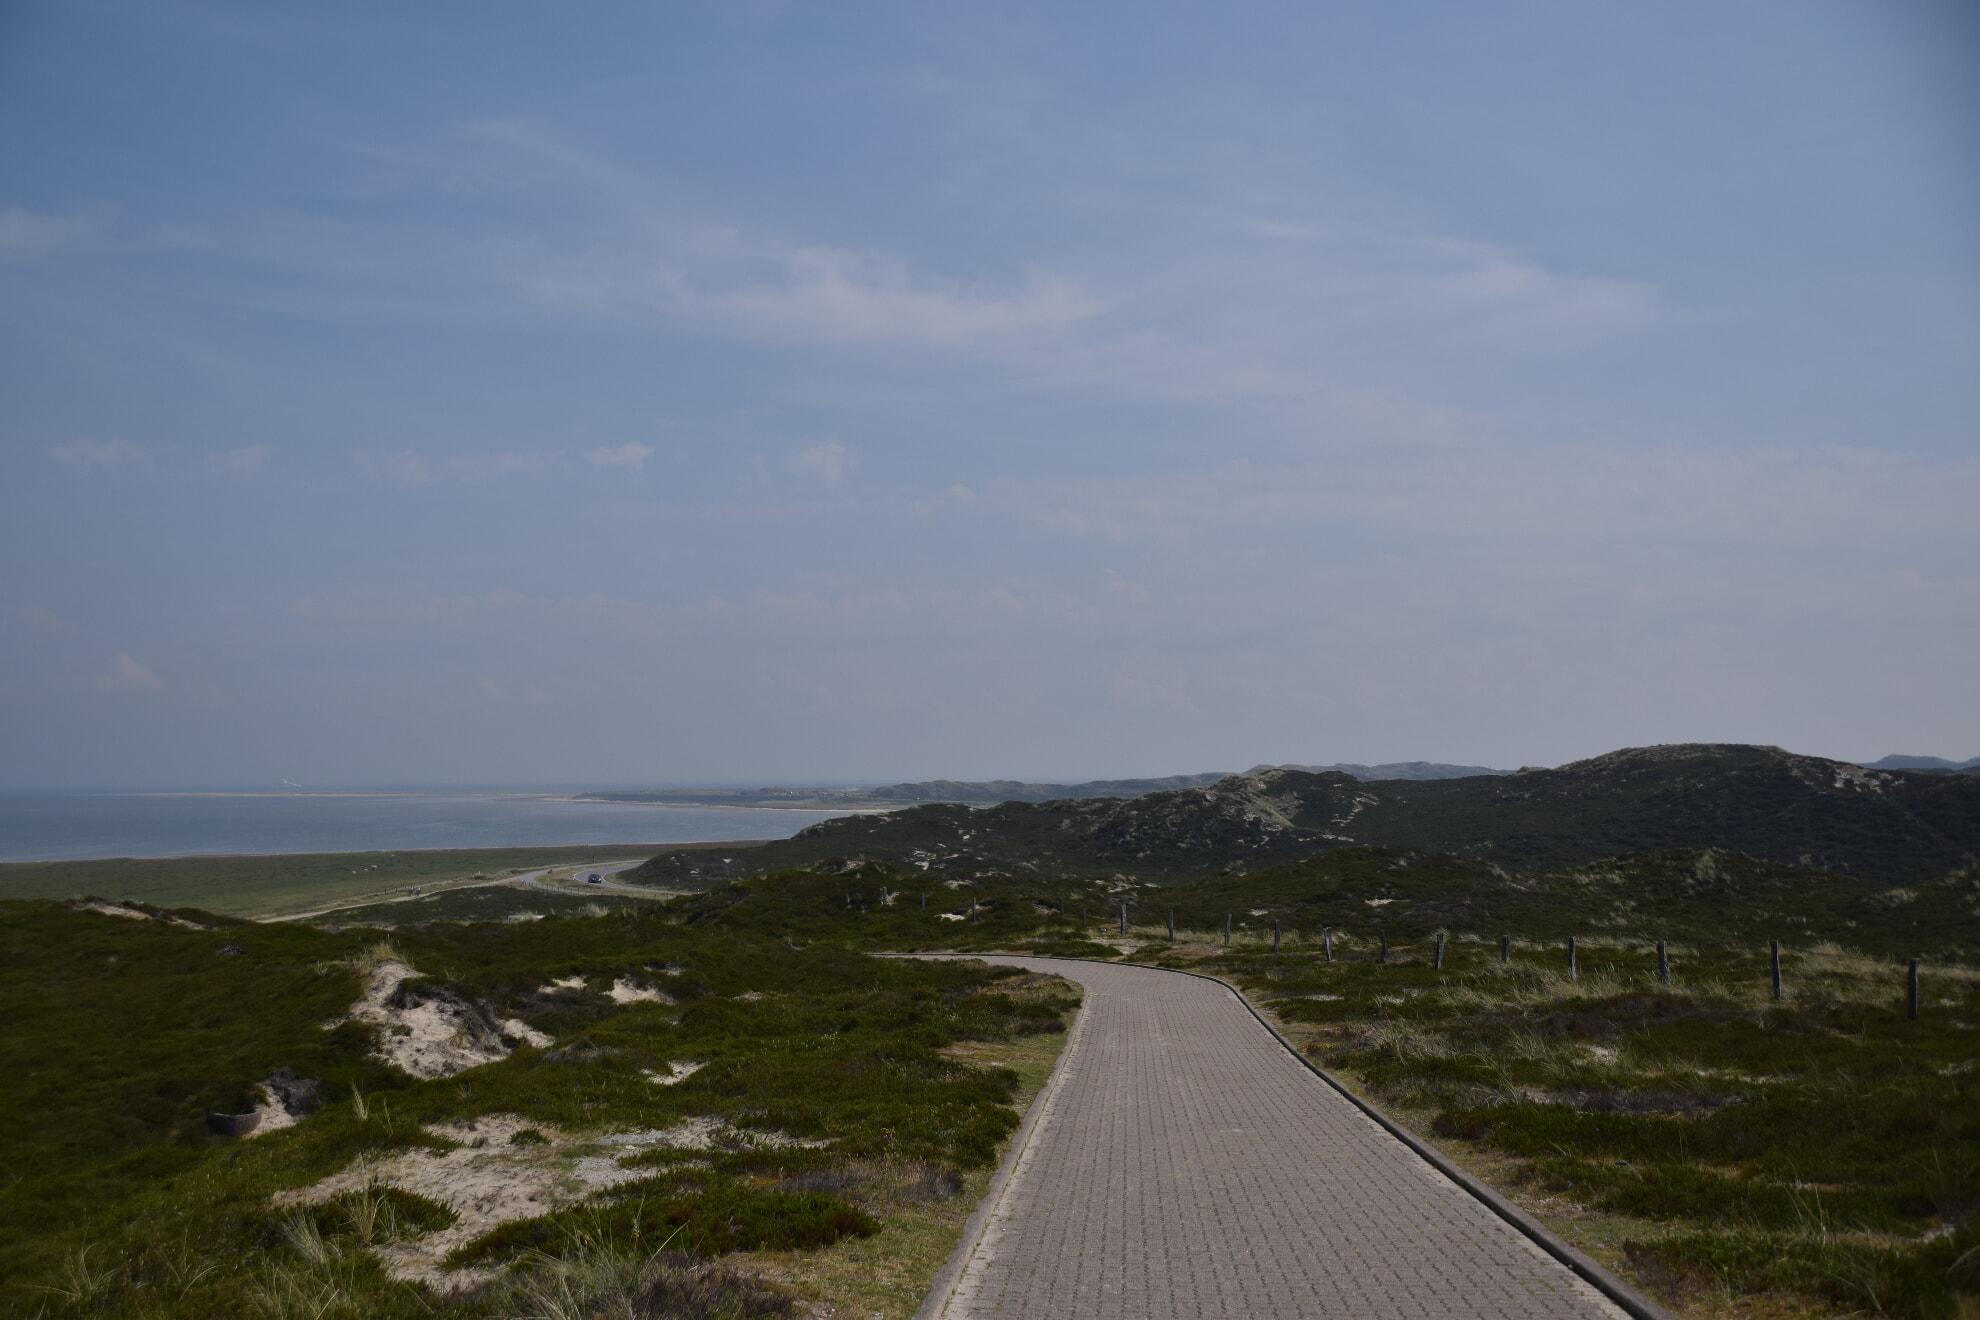 Der Weg auf die Aussichtsdüne vom Ellenbogen aus